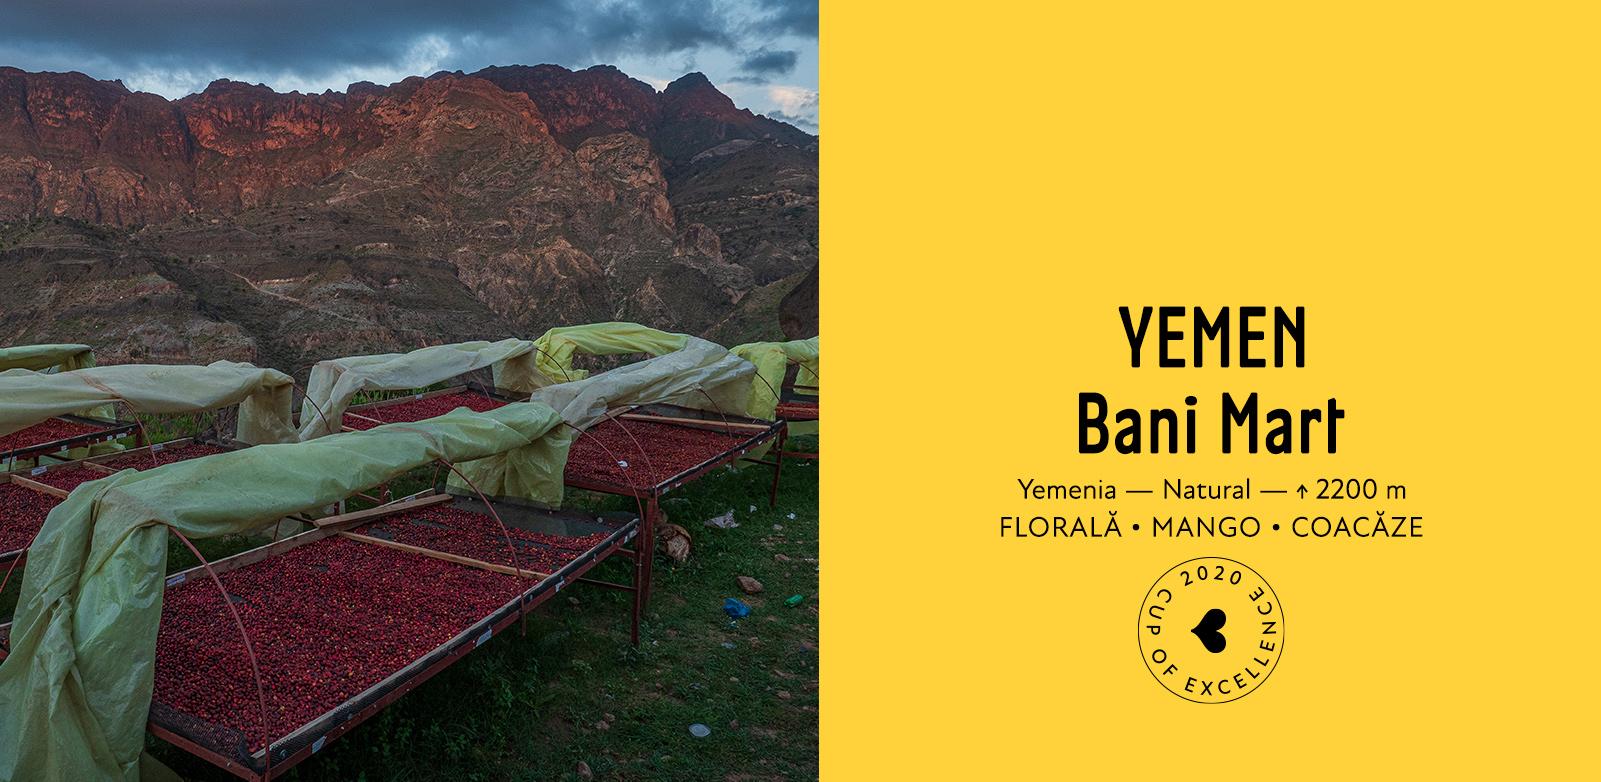 Yemen Bani Mart - Yemenia